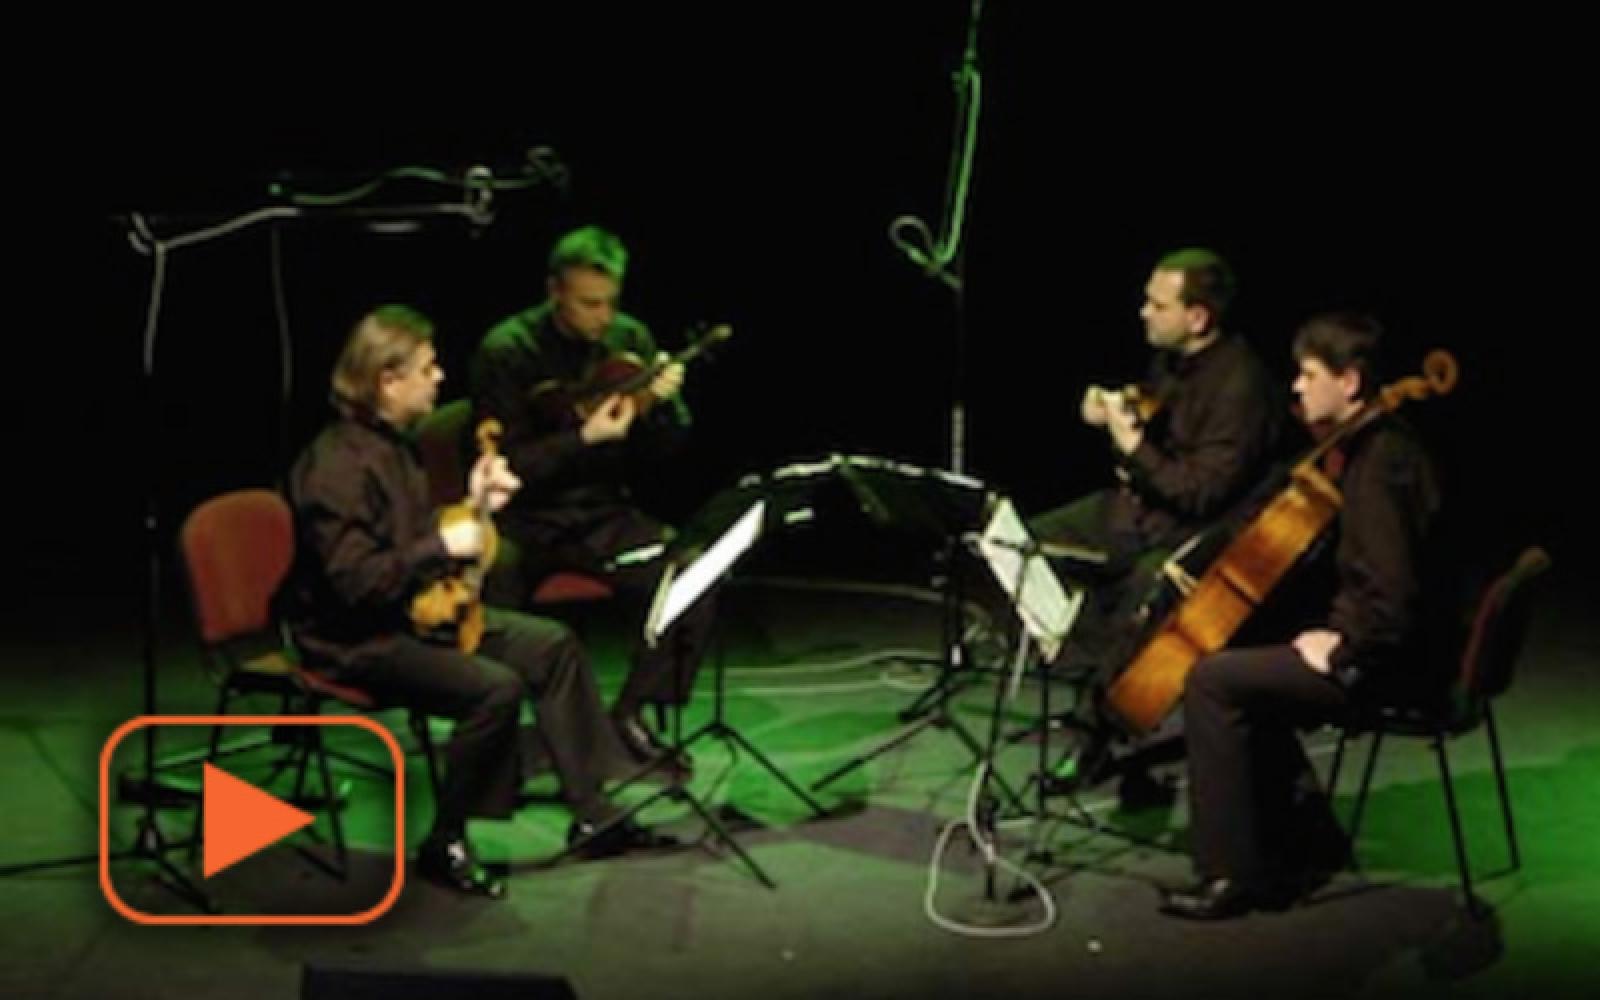 Kwartet pomorski + wizualizacje Maciej Walczak - fragment koncertu 2007